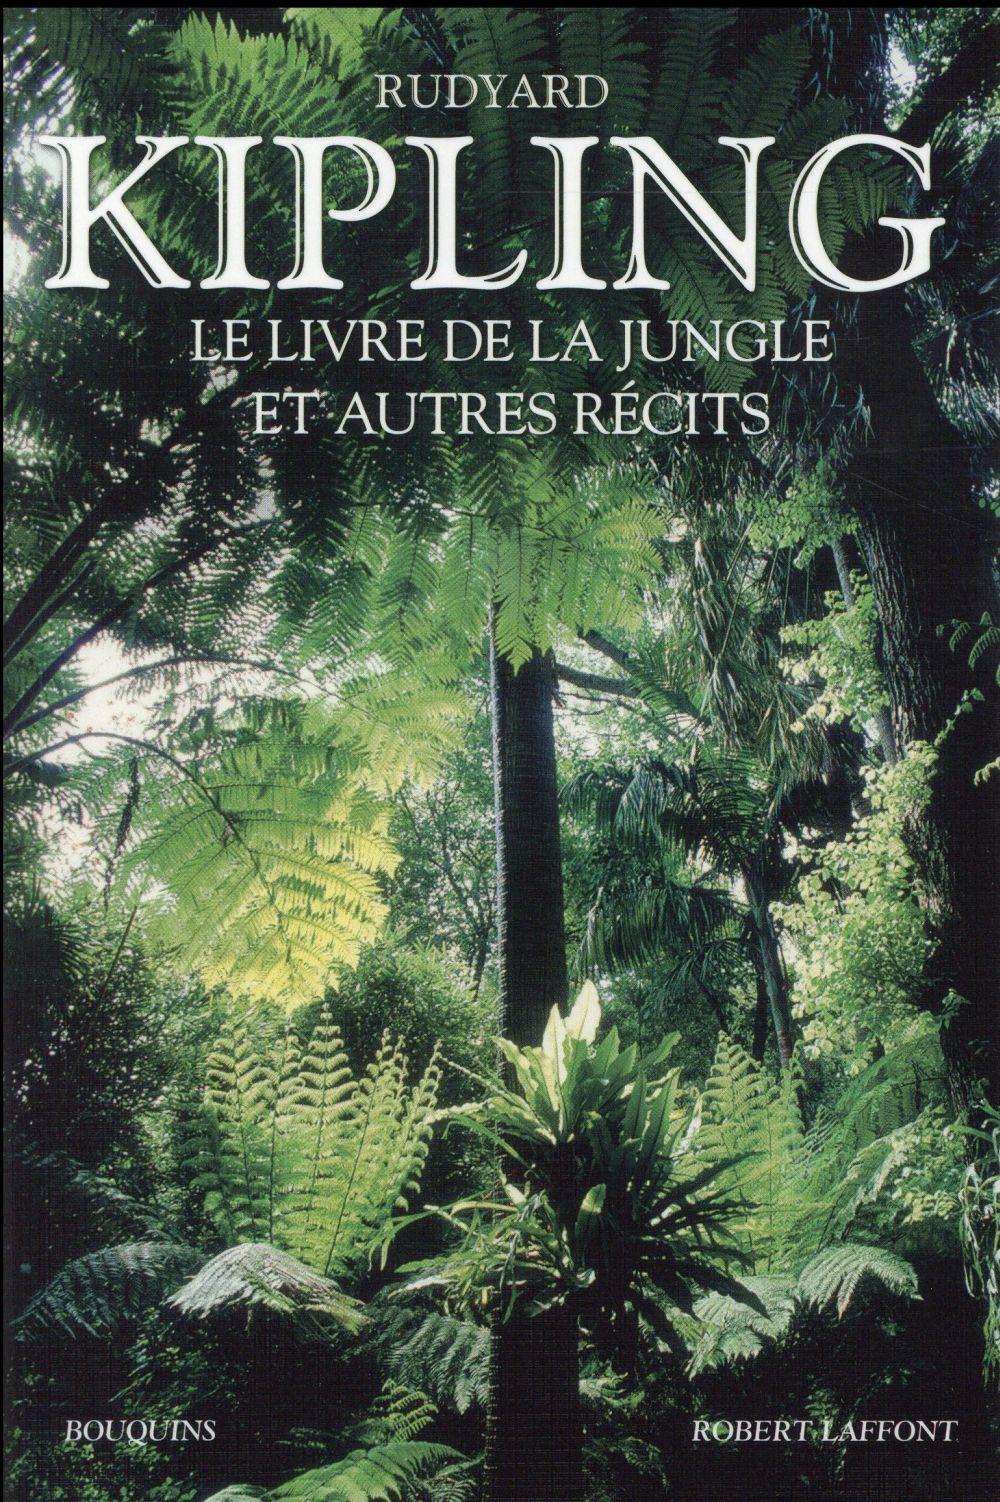 Le livre de la jungle ; et autres récits